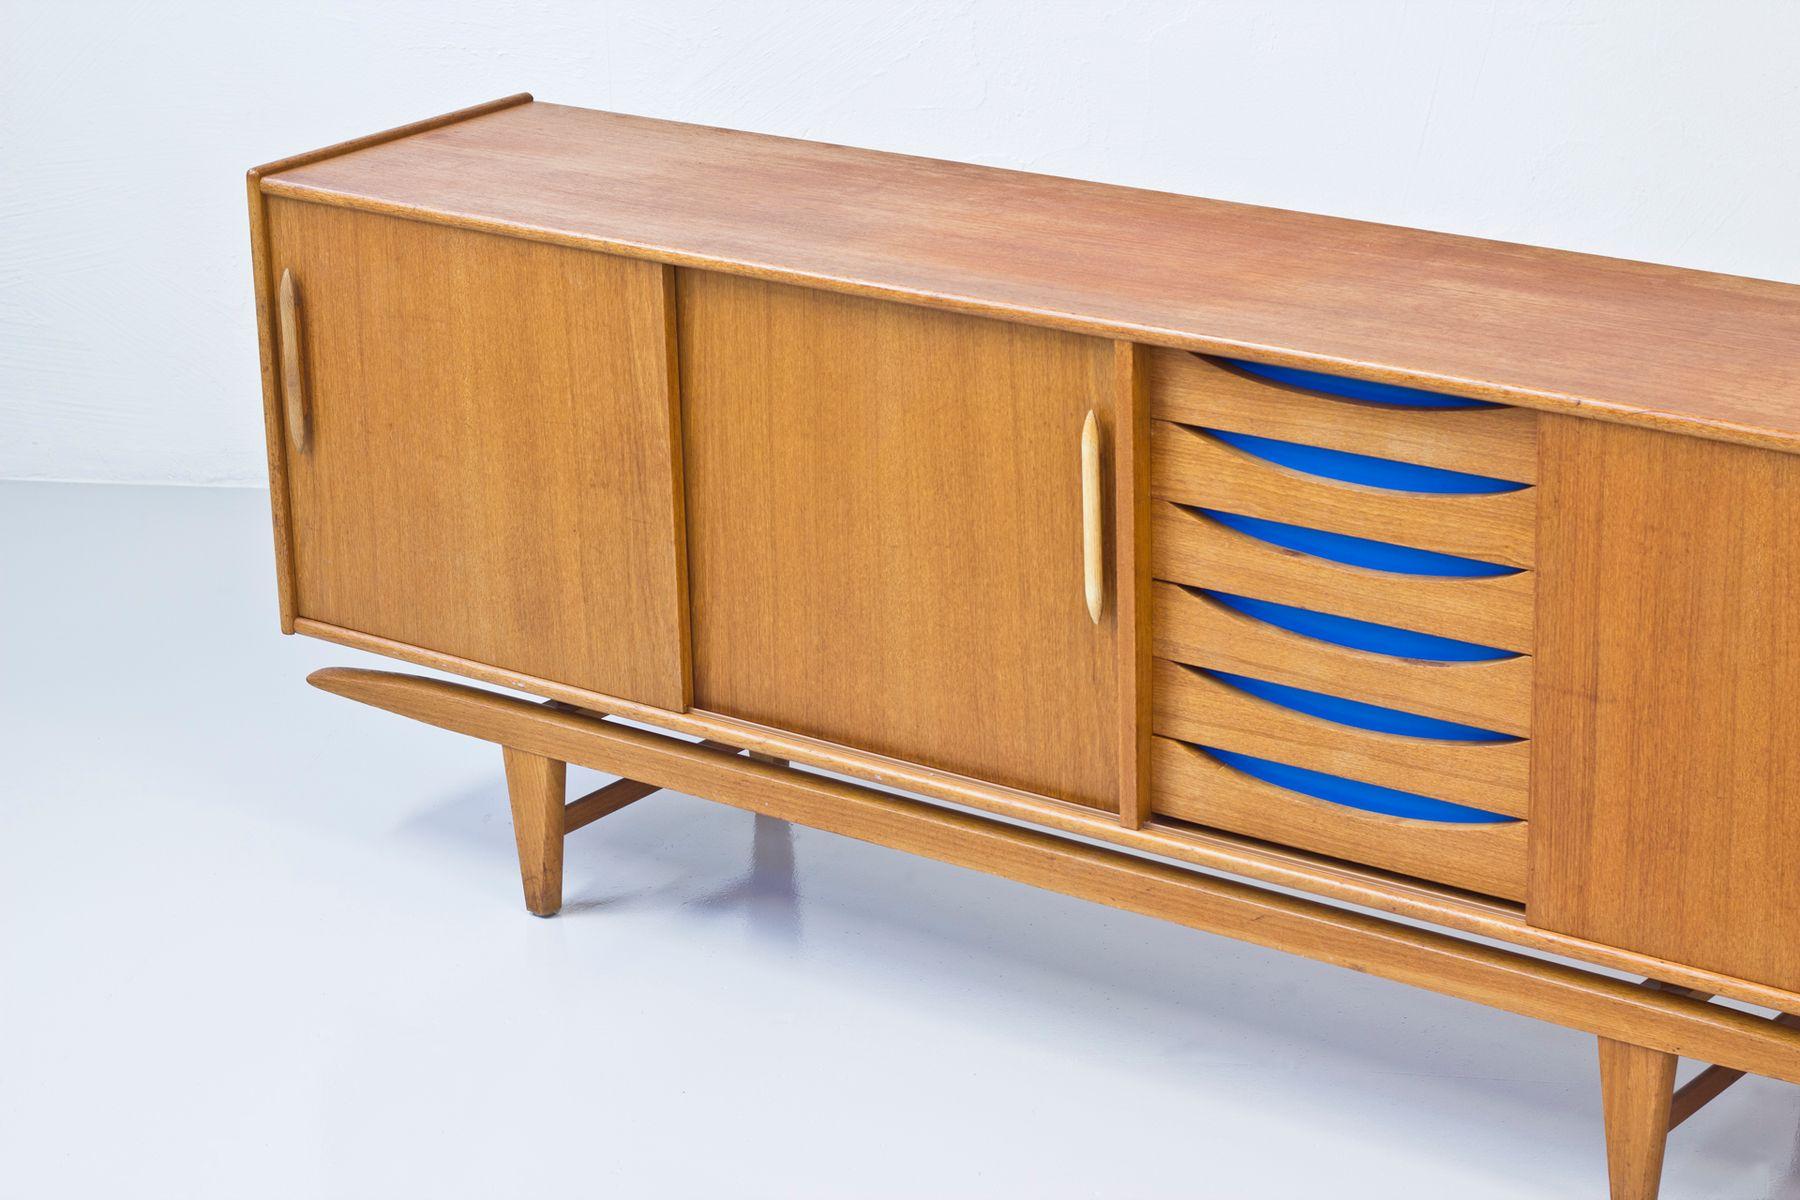 schwedisches mid century sideboard von ajfa bei pamono kaufen. Black Bedroom Furniture Sets. Home Design Ideas